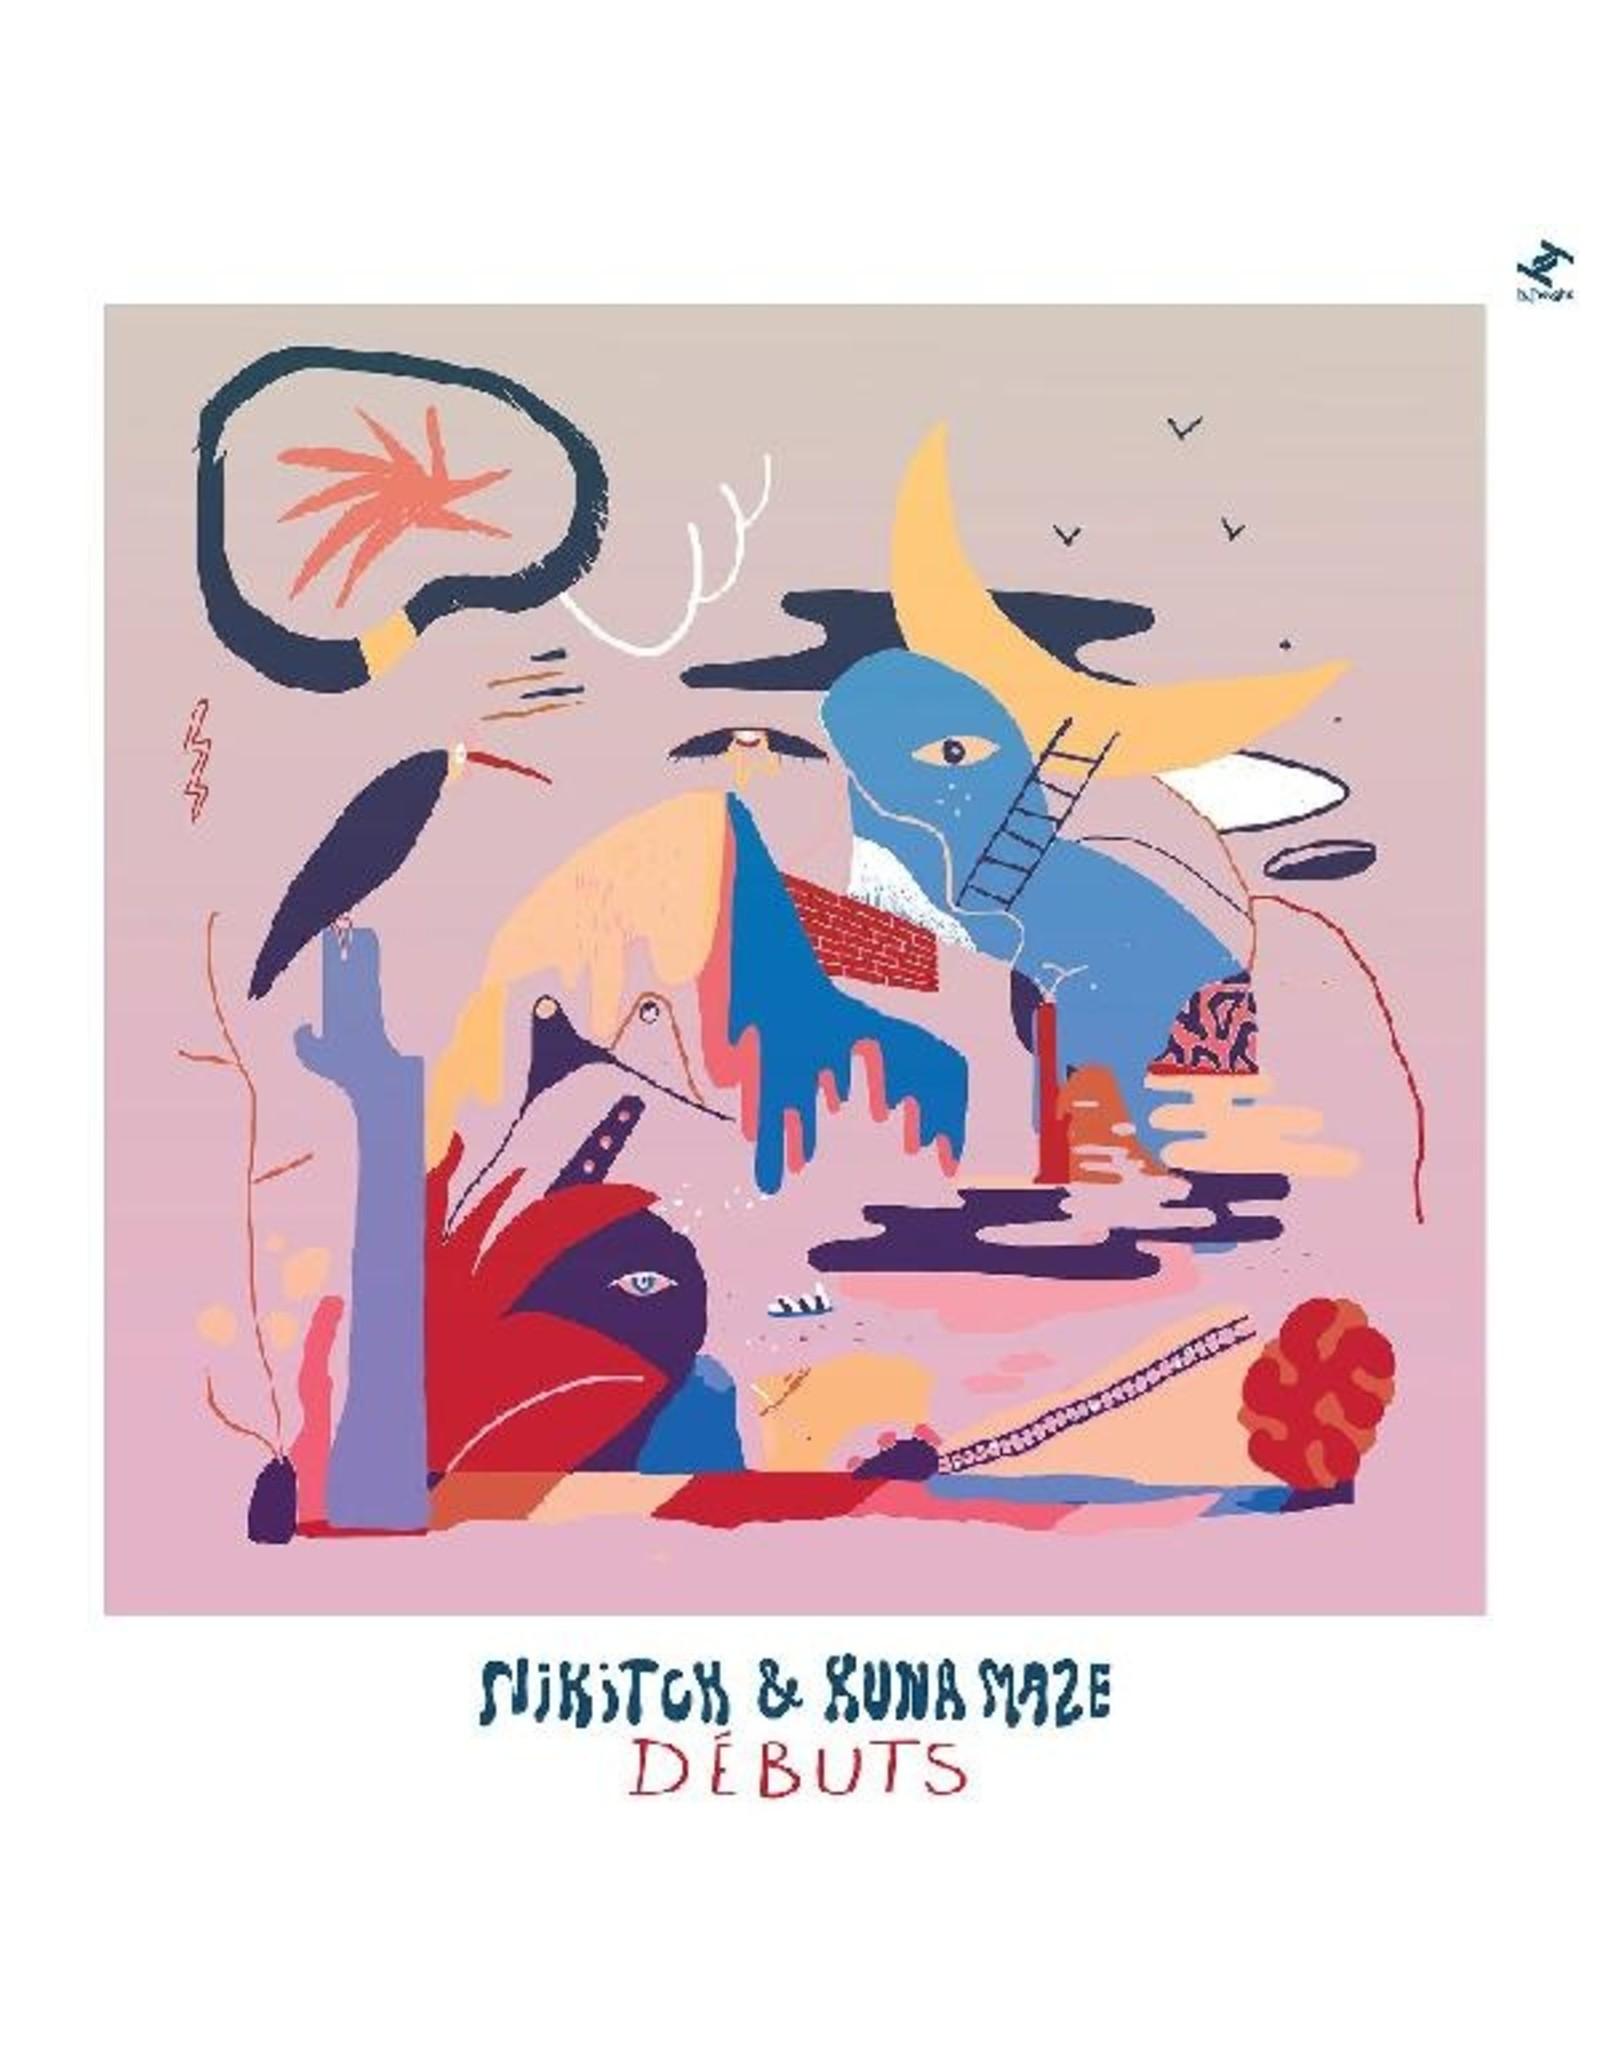 New Vinyl Nikitch & Kuna Maze - Débuts LP